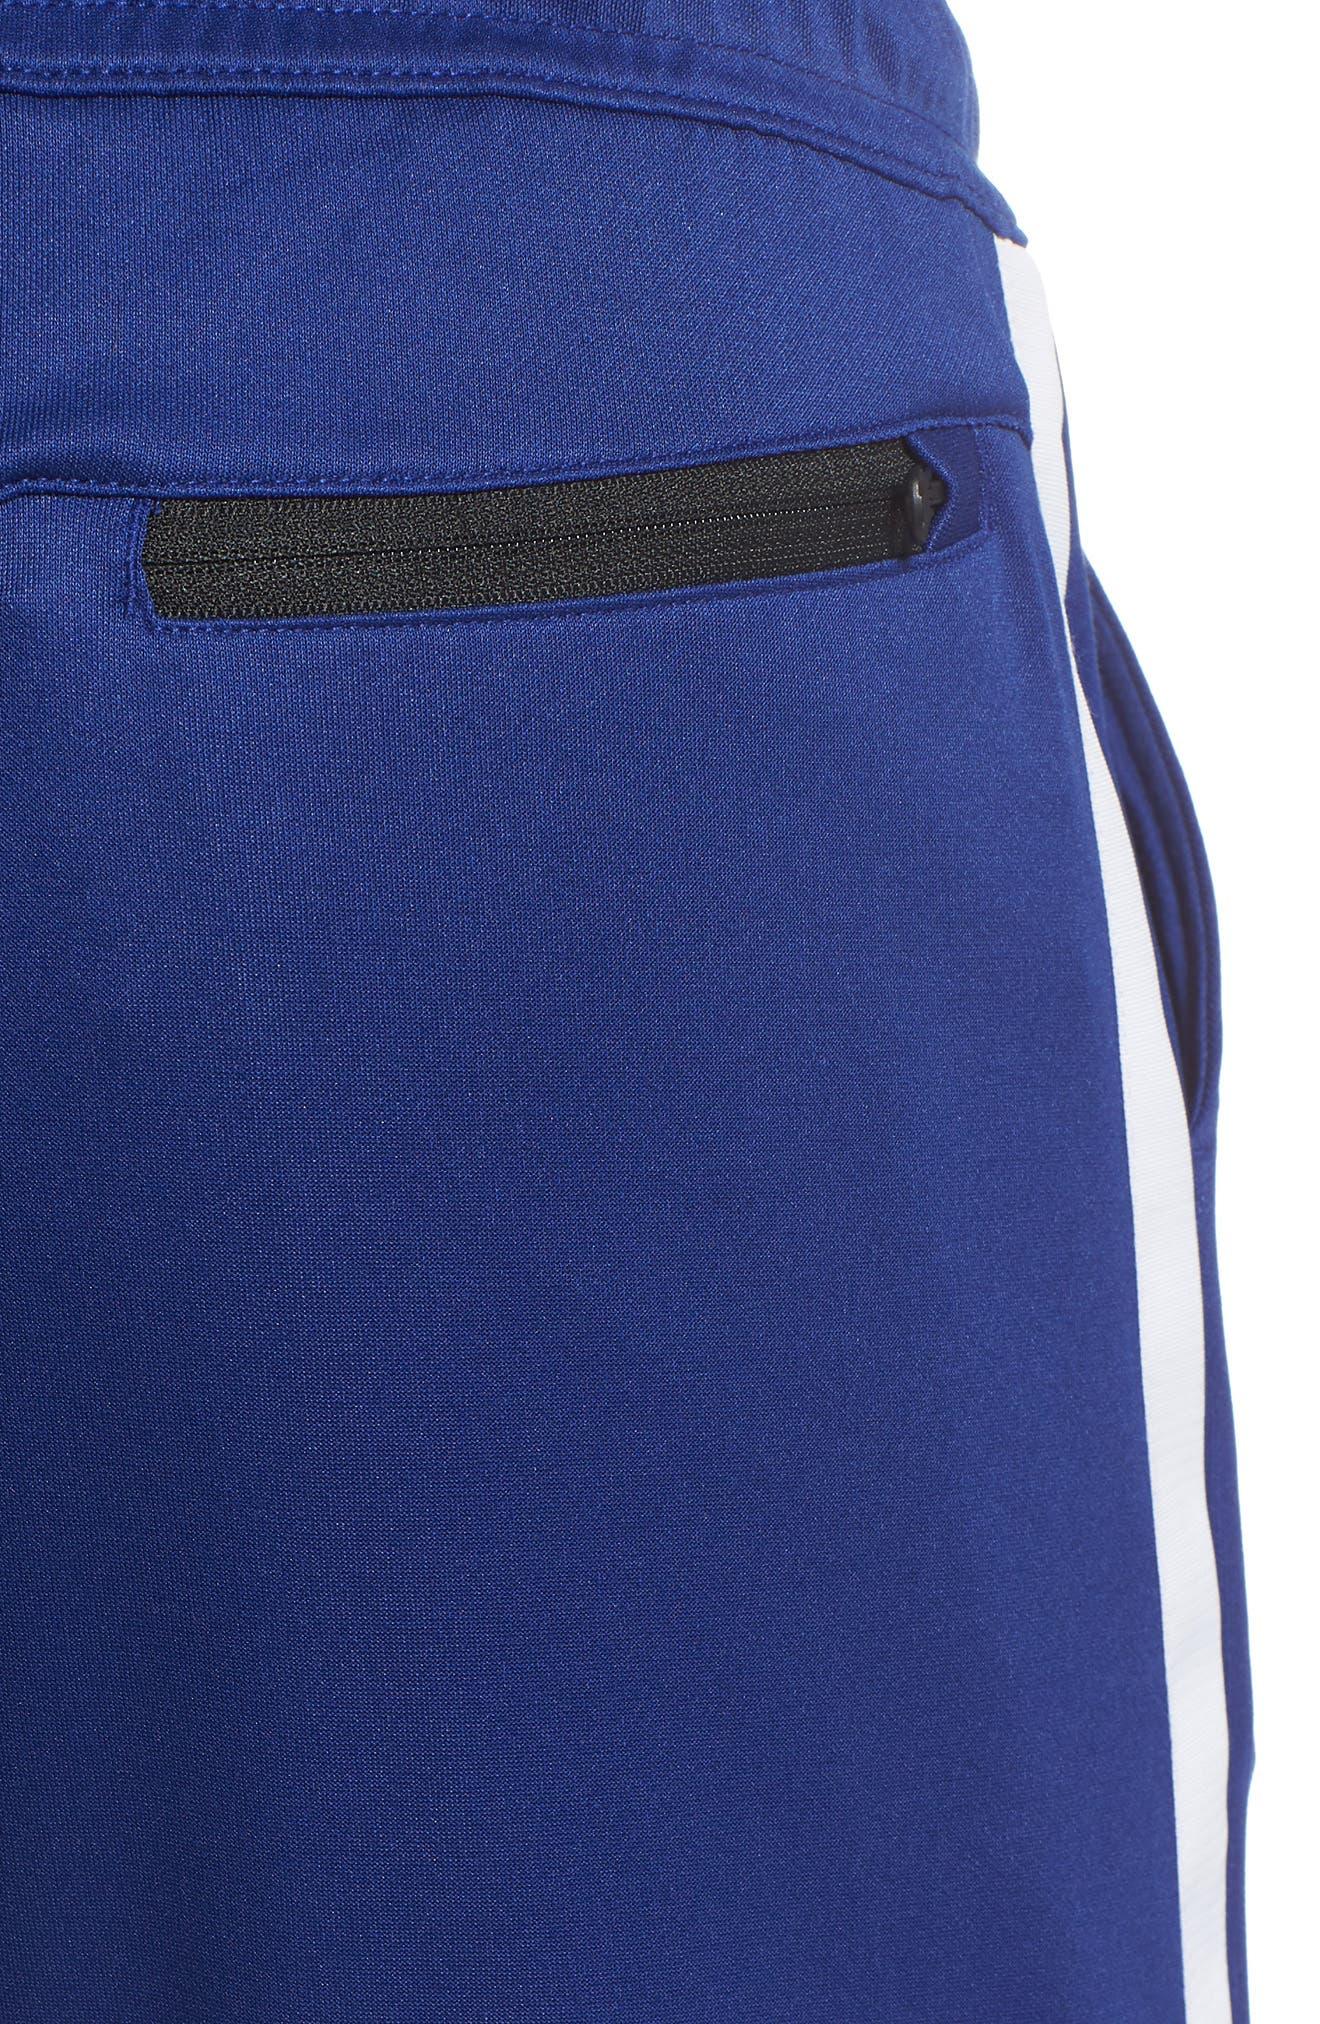 Tribute Jogger Pants,                             Alternate thumbnail 5, color,                             Deep Royal Blue/ White/ White